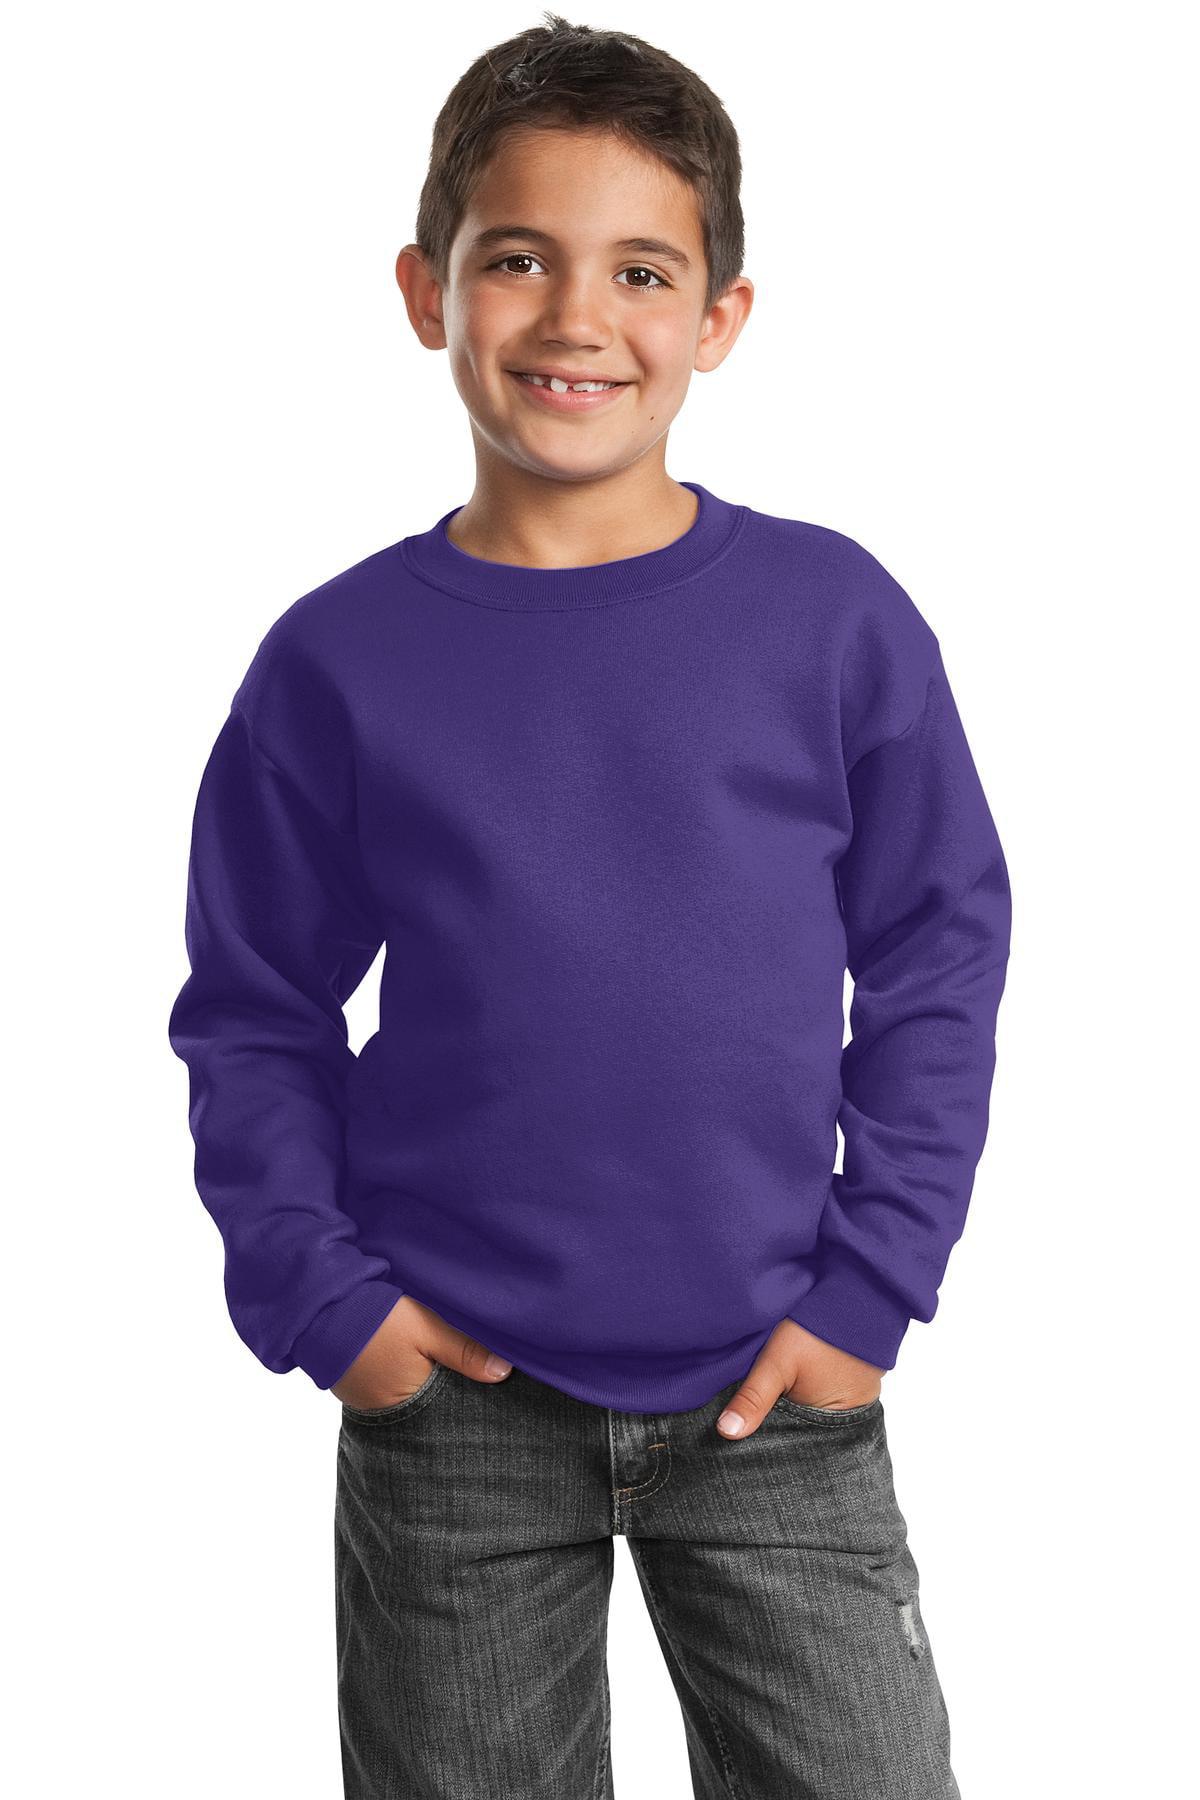 Port & Company - Youth Core Fleece Crewneck Sweatshirt